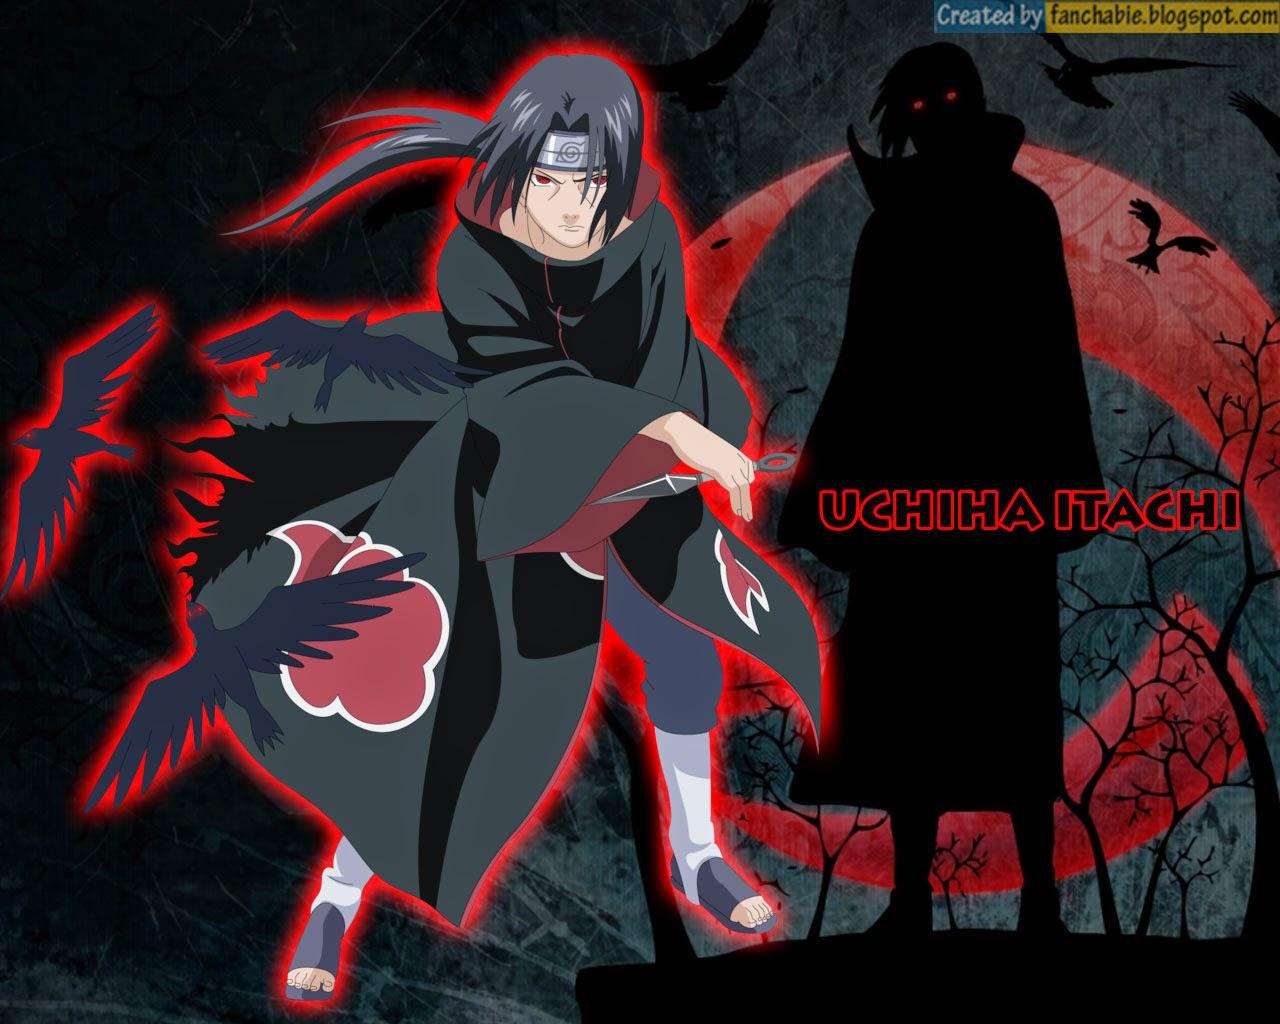 Best Wallpaper: Uchiha Itachi : Akatsuki Organization ...